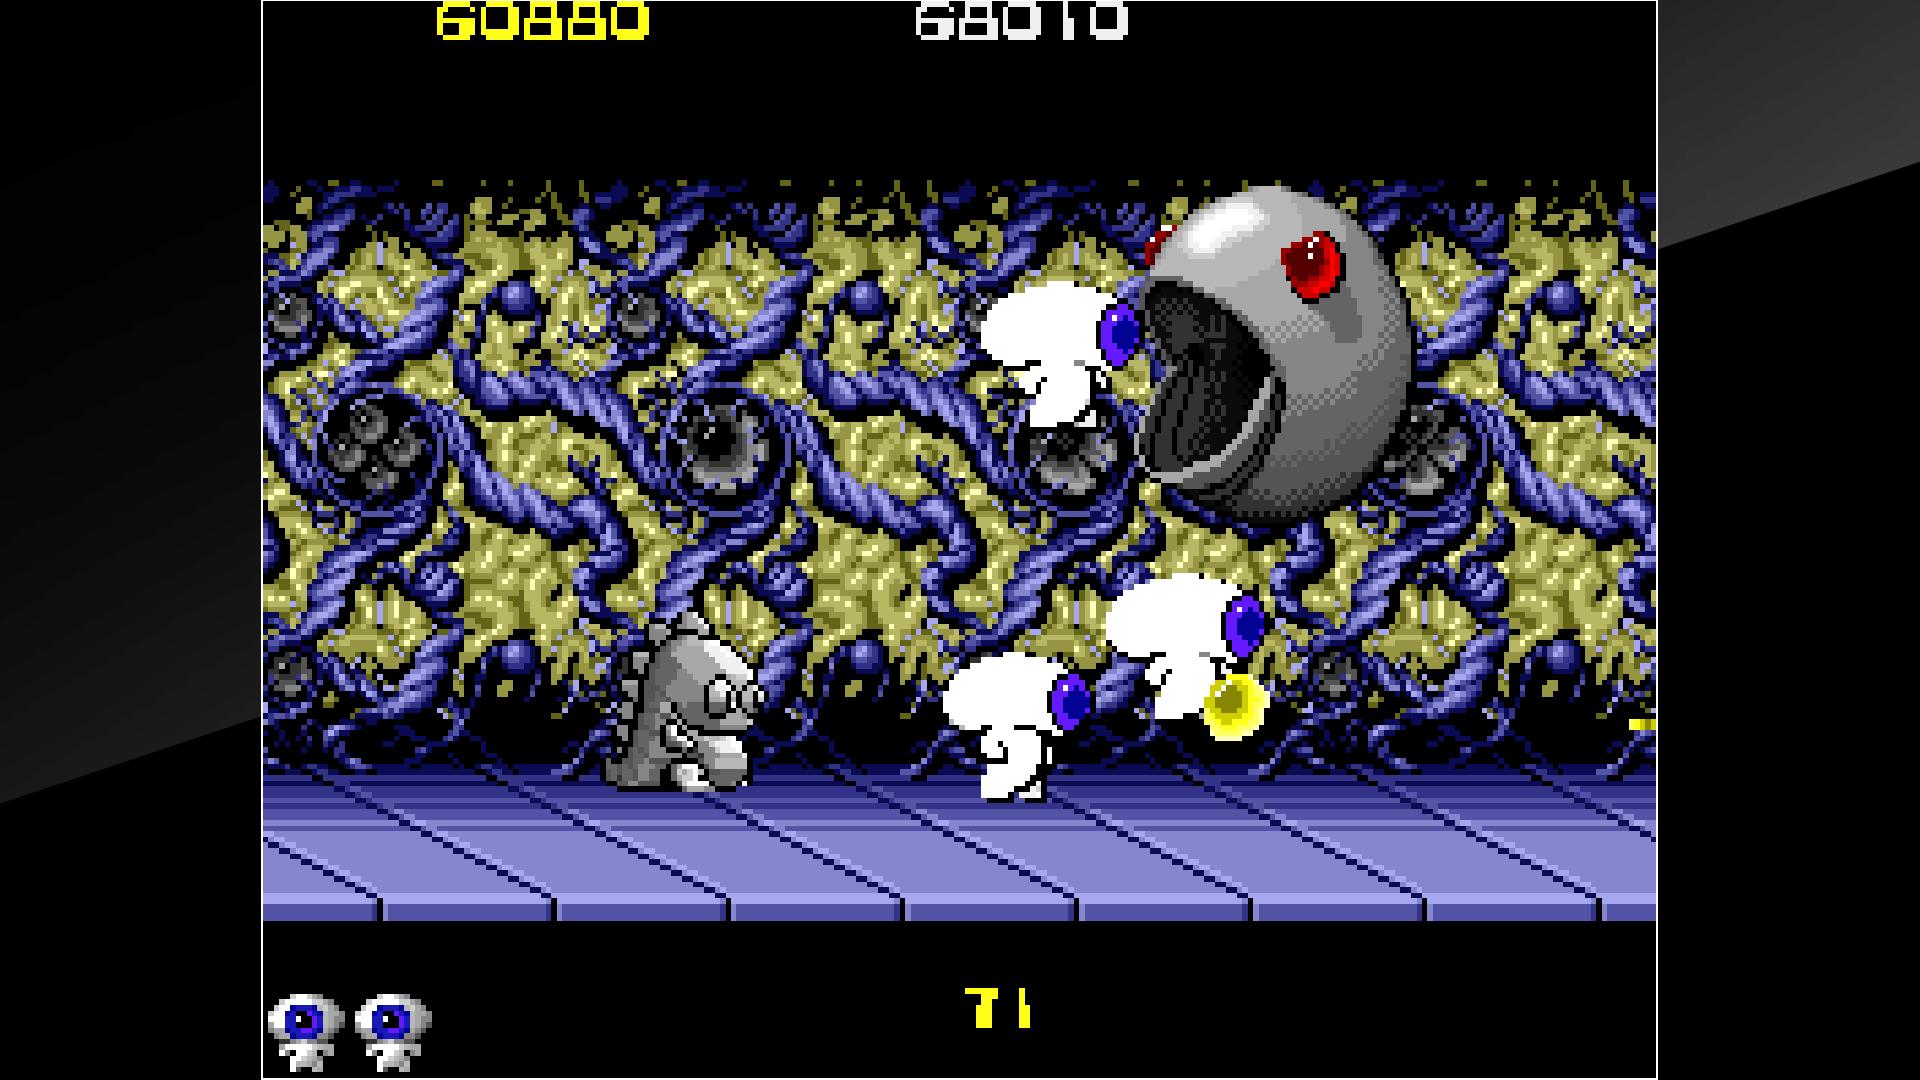 『アーケードアーカイブス ミュータントナイト』ゲーム画面